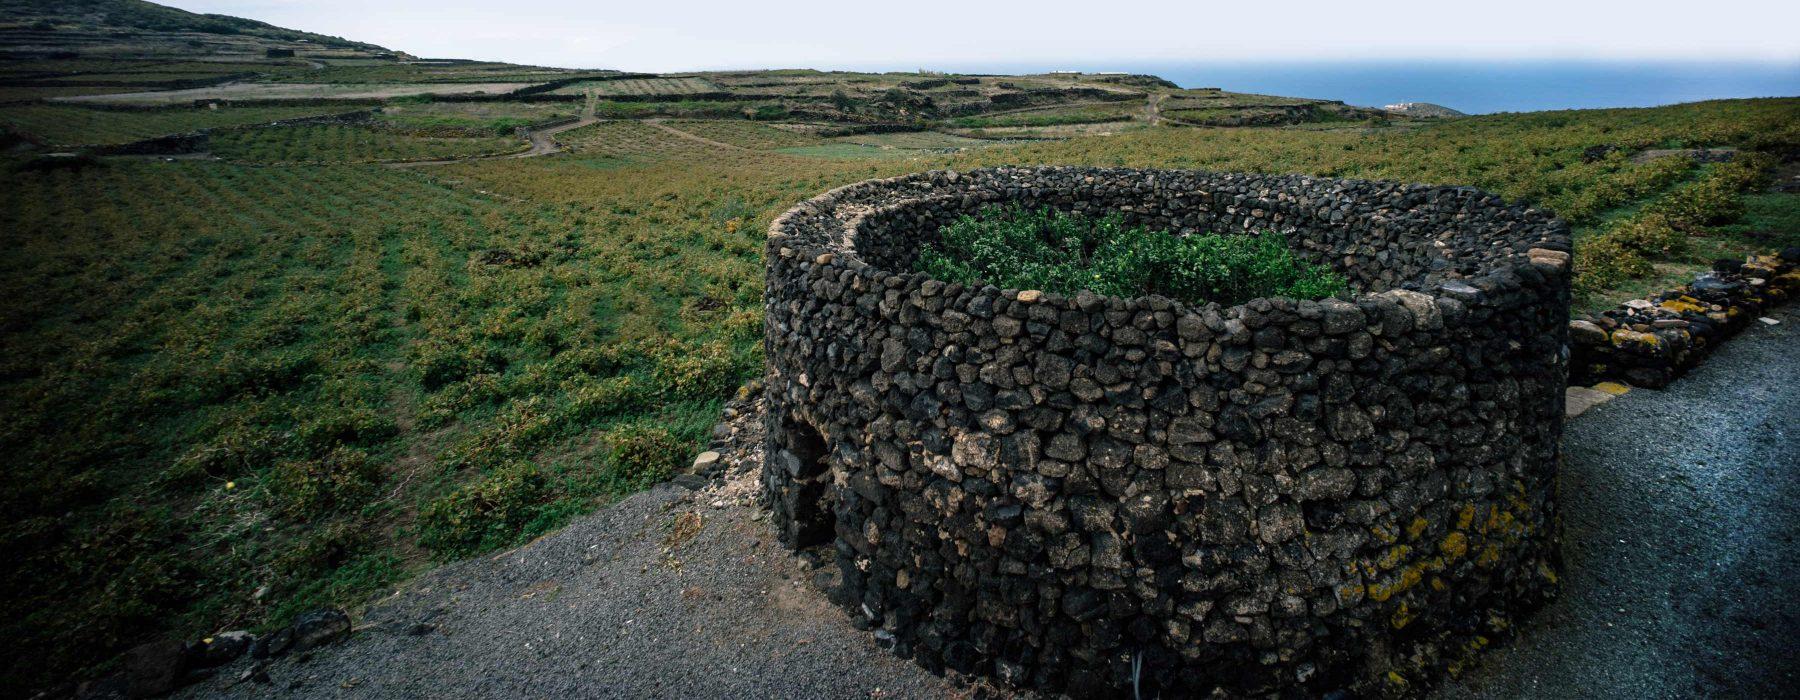 Pantelleria: 3000 años de historia… los jardines Panteschi